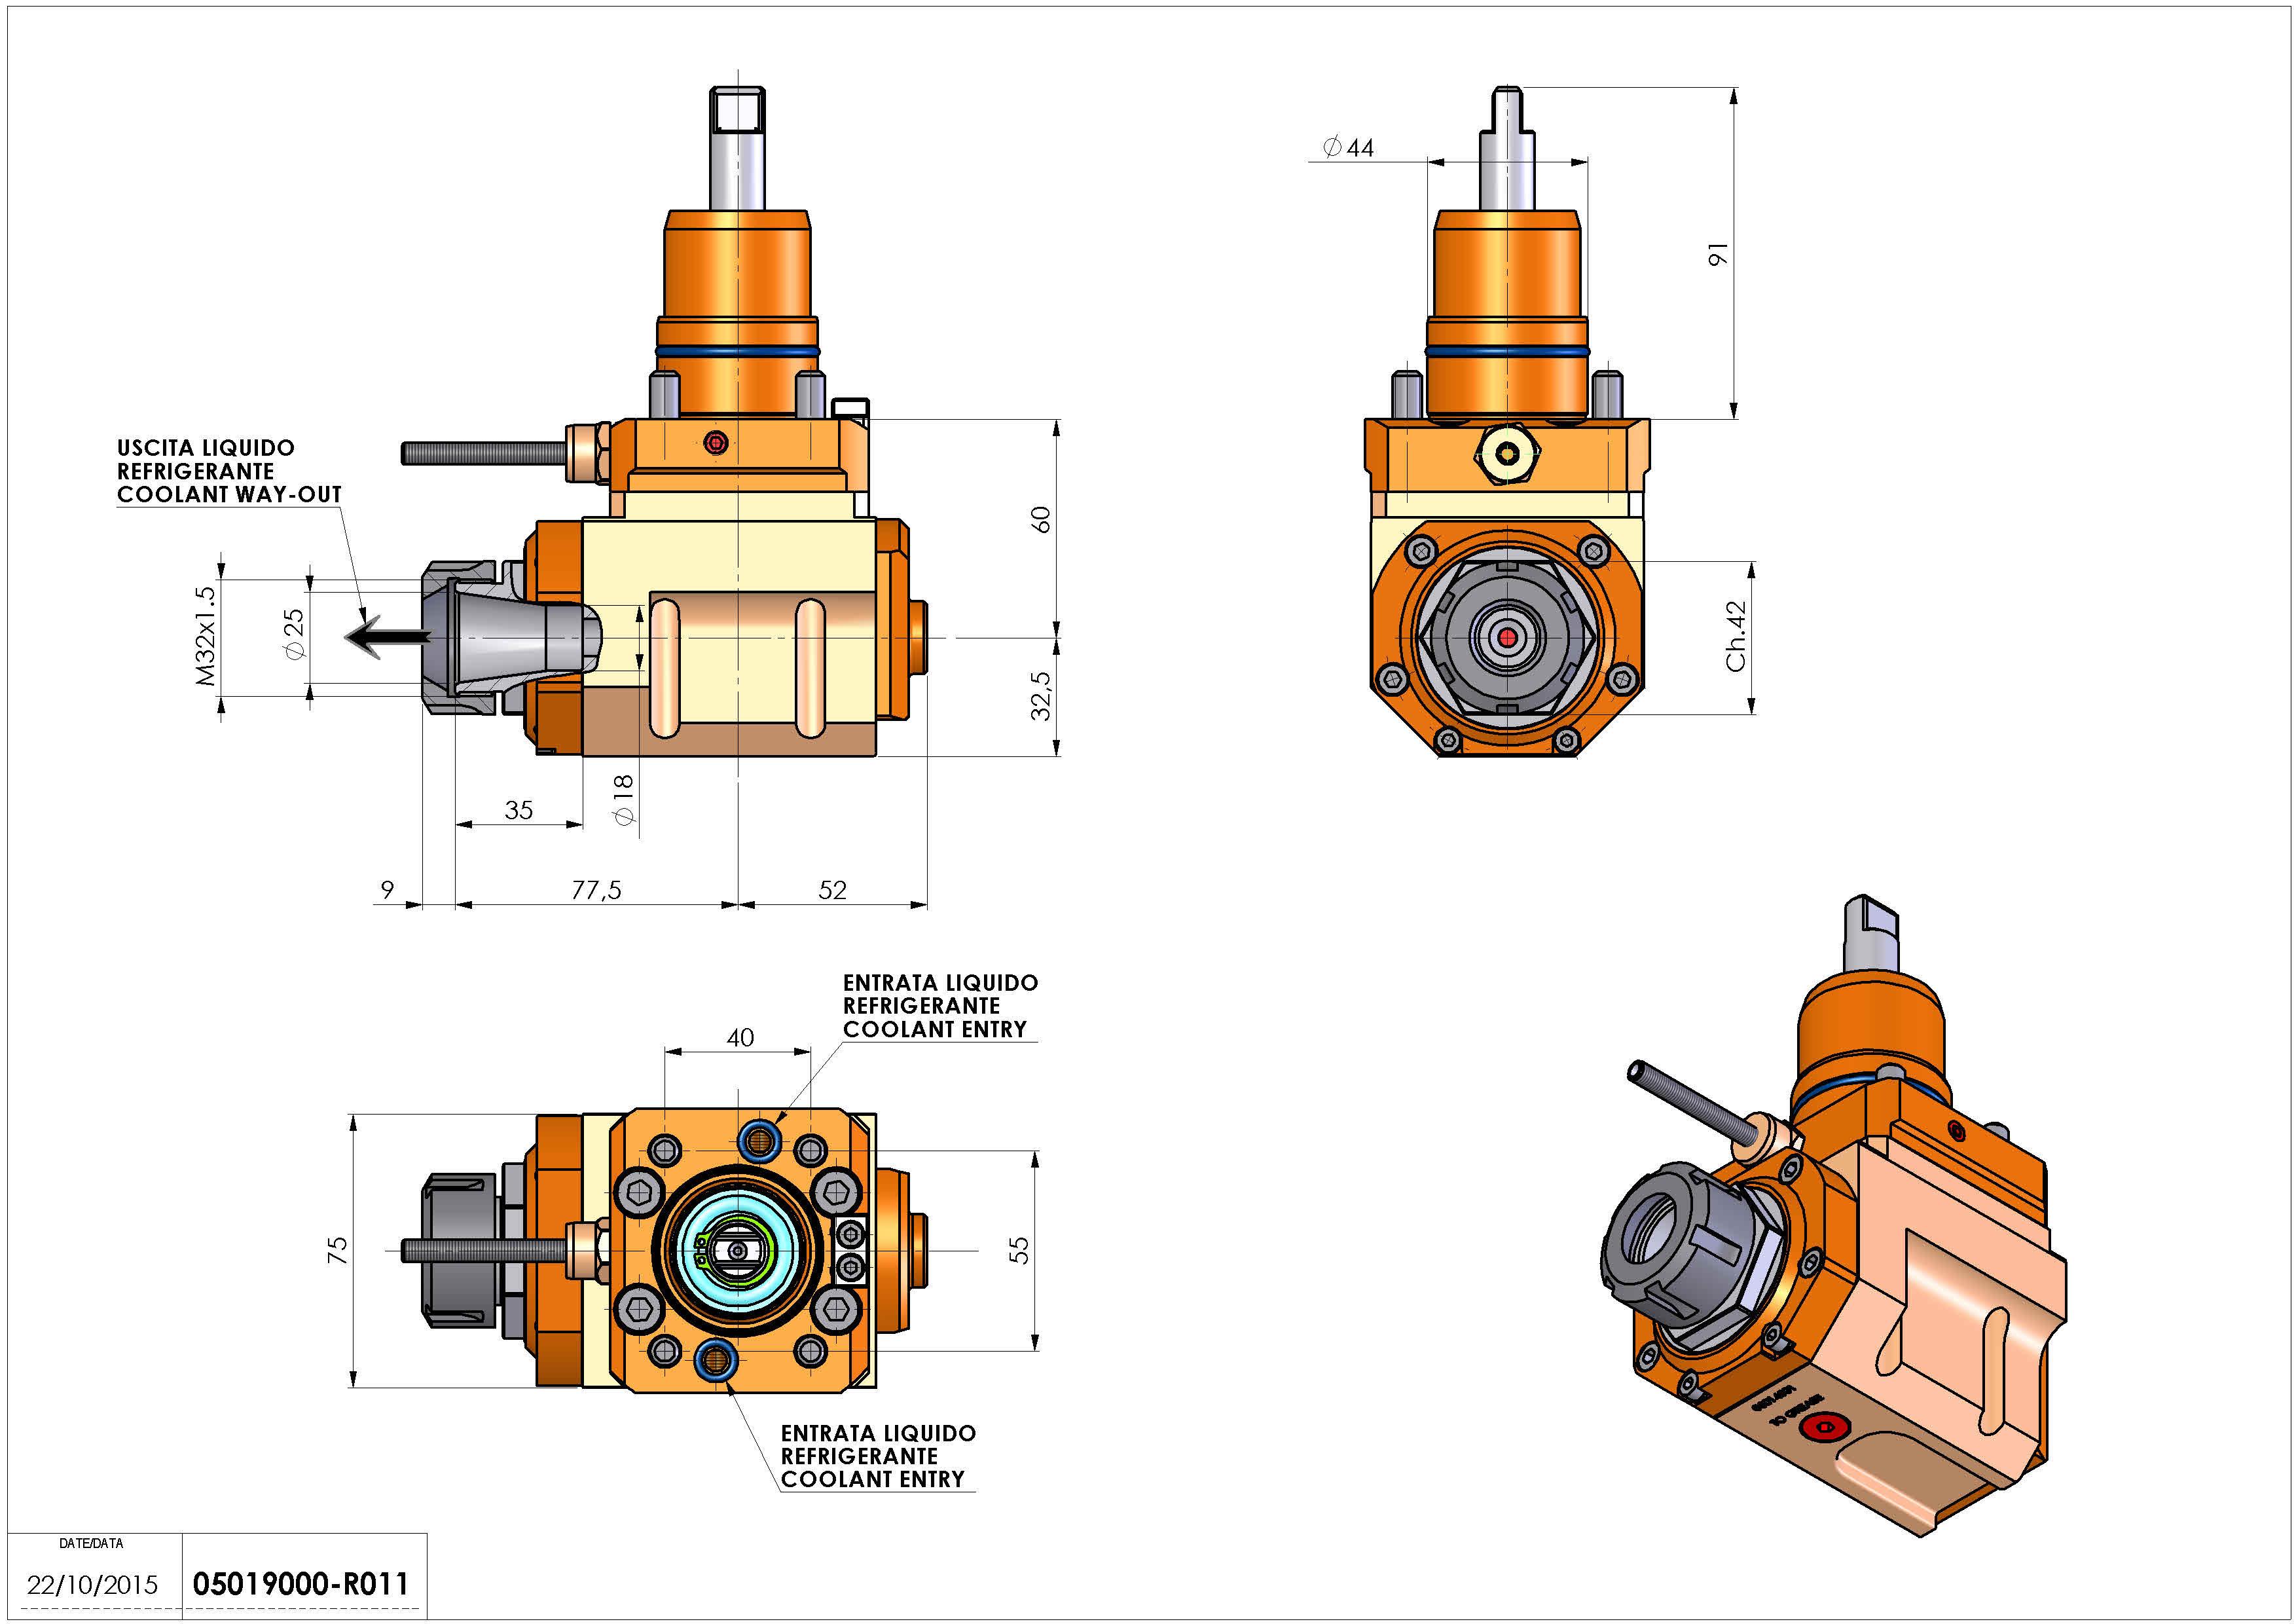 Technical image - LT-A D44 ER25 L-R H60 NK.